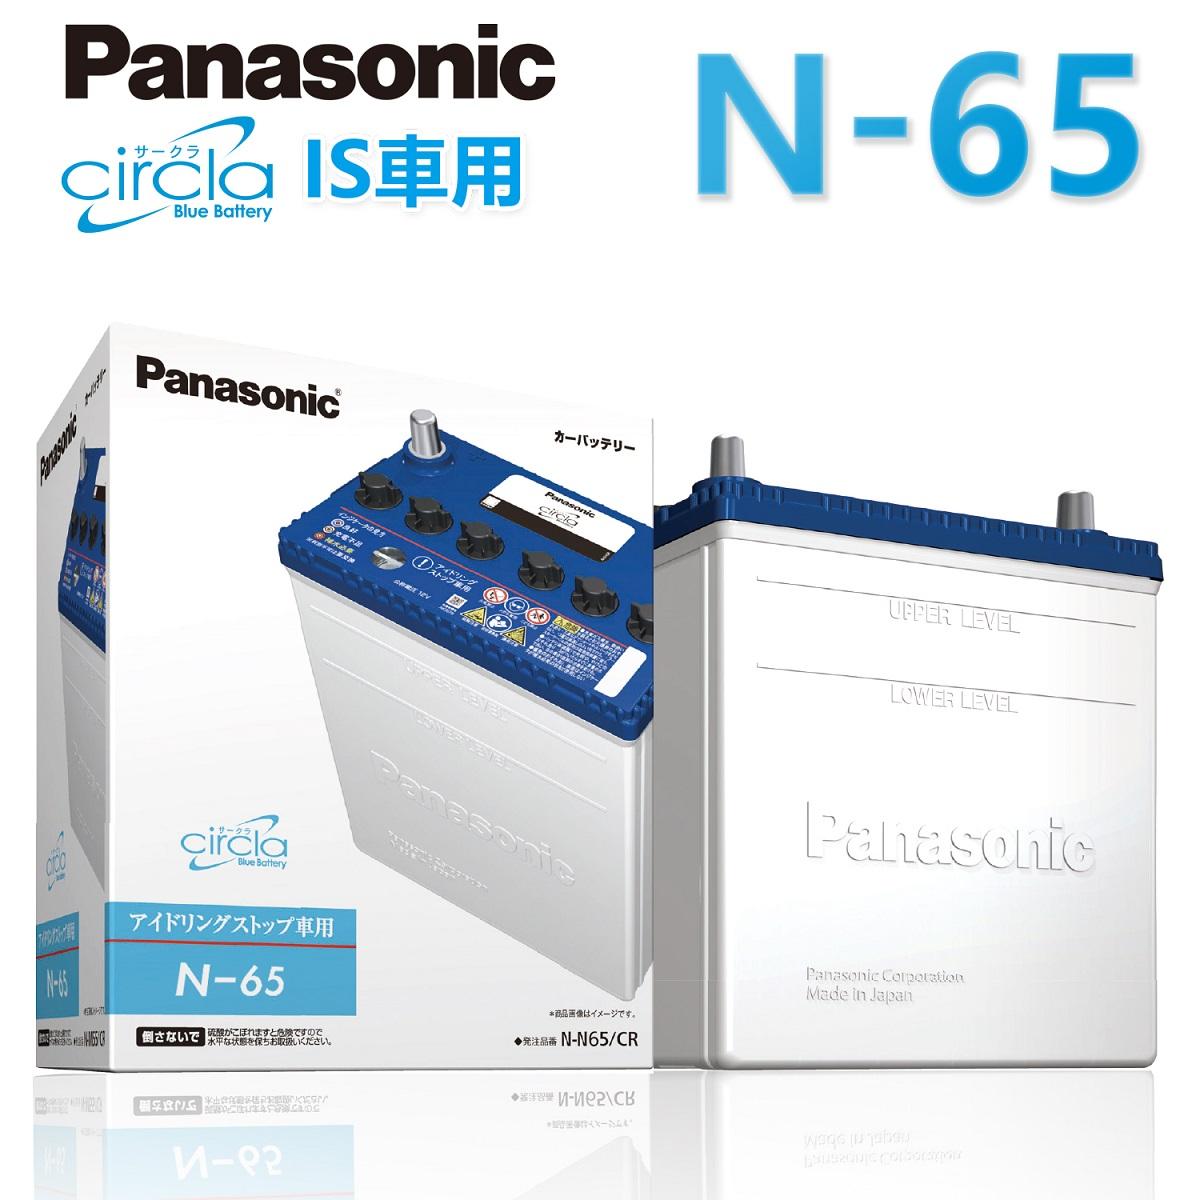 Panasonic カーバッテリー アイドリングストップ車用 バッテリー N-65 サークラ circla パナソニック